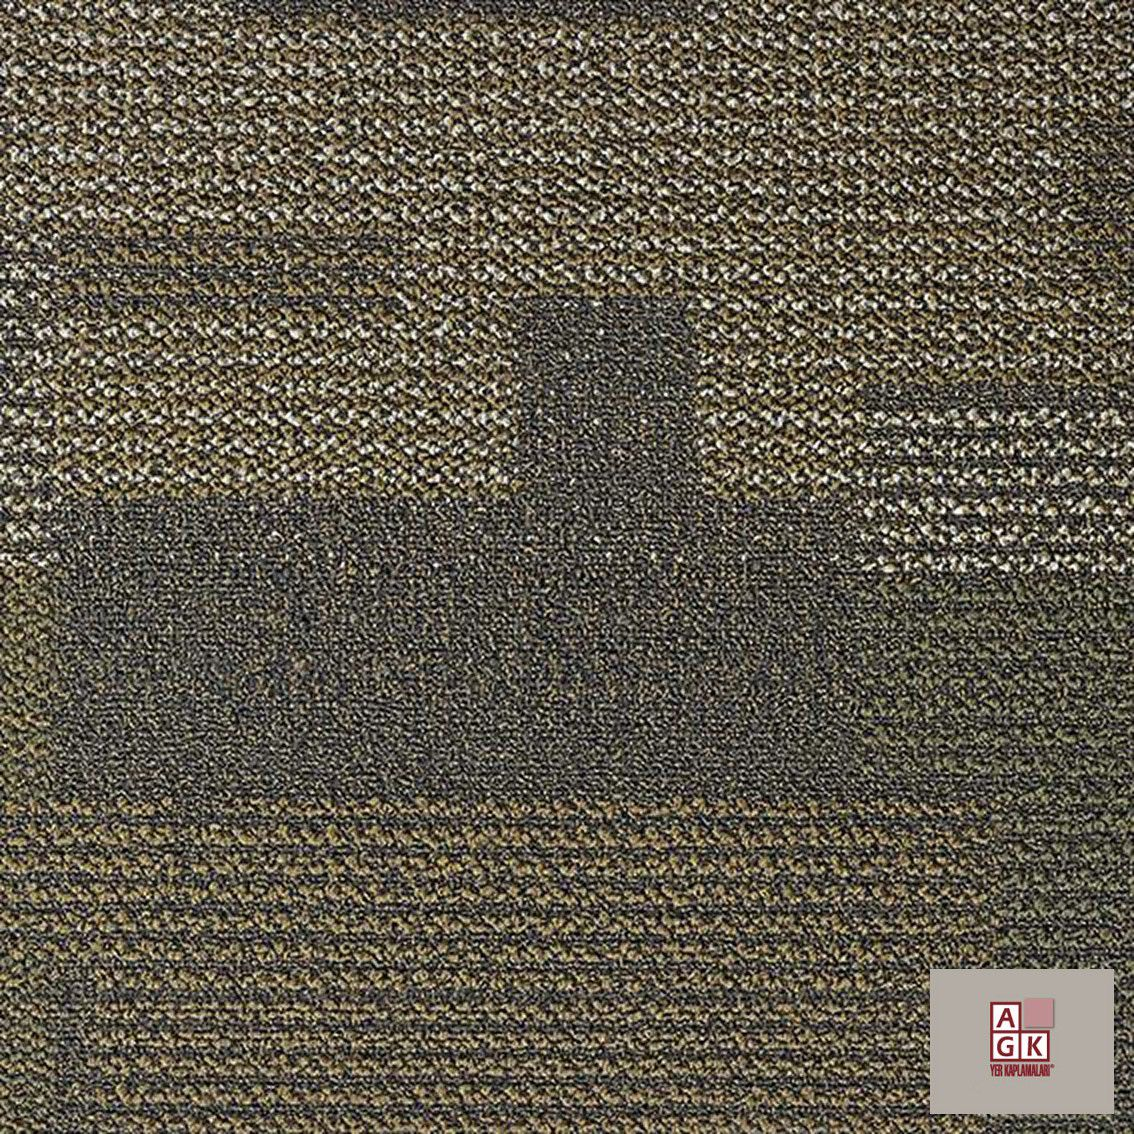 A.G.K YER KAPL.İTH.VE PAZ.LTD. ŞTİ Collection Upholstery 2014